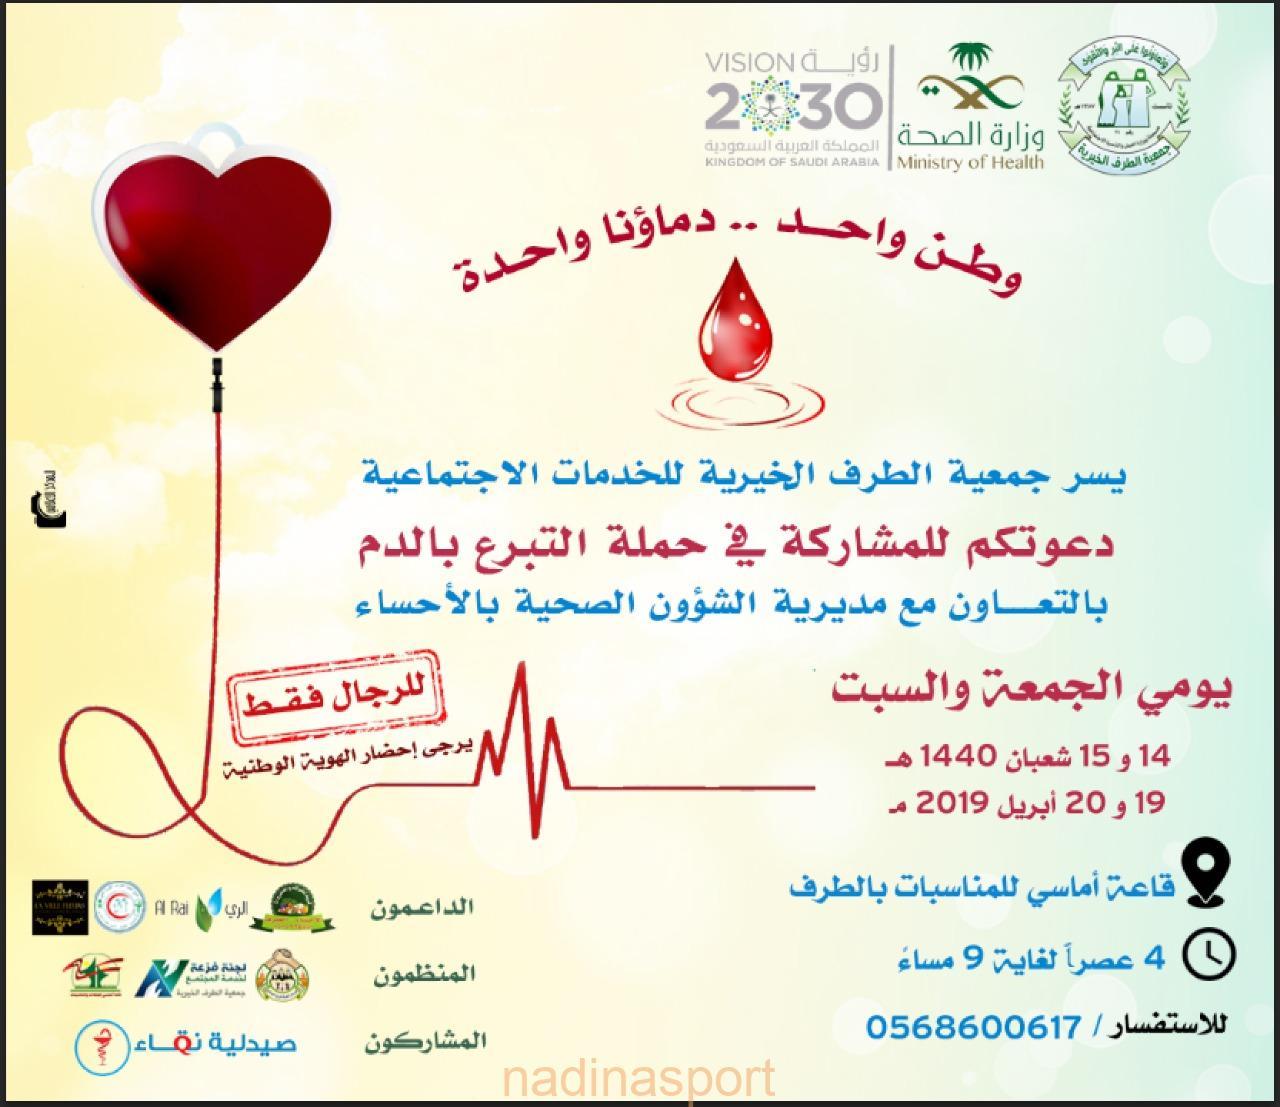 حملة تطوعية بالتبرع بالدم غدا الجمعة بمدينة الطرف لمدة يومين